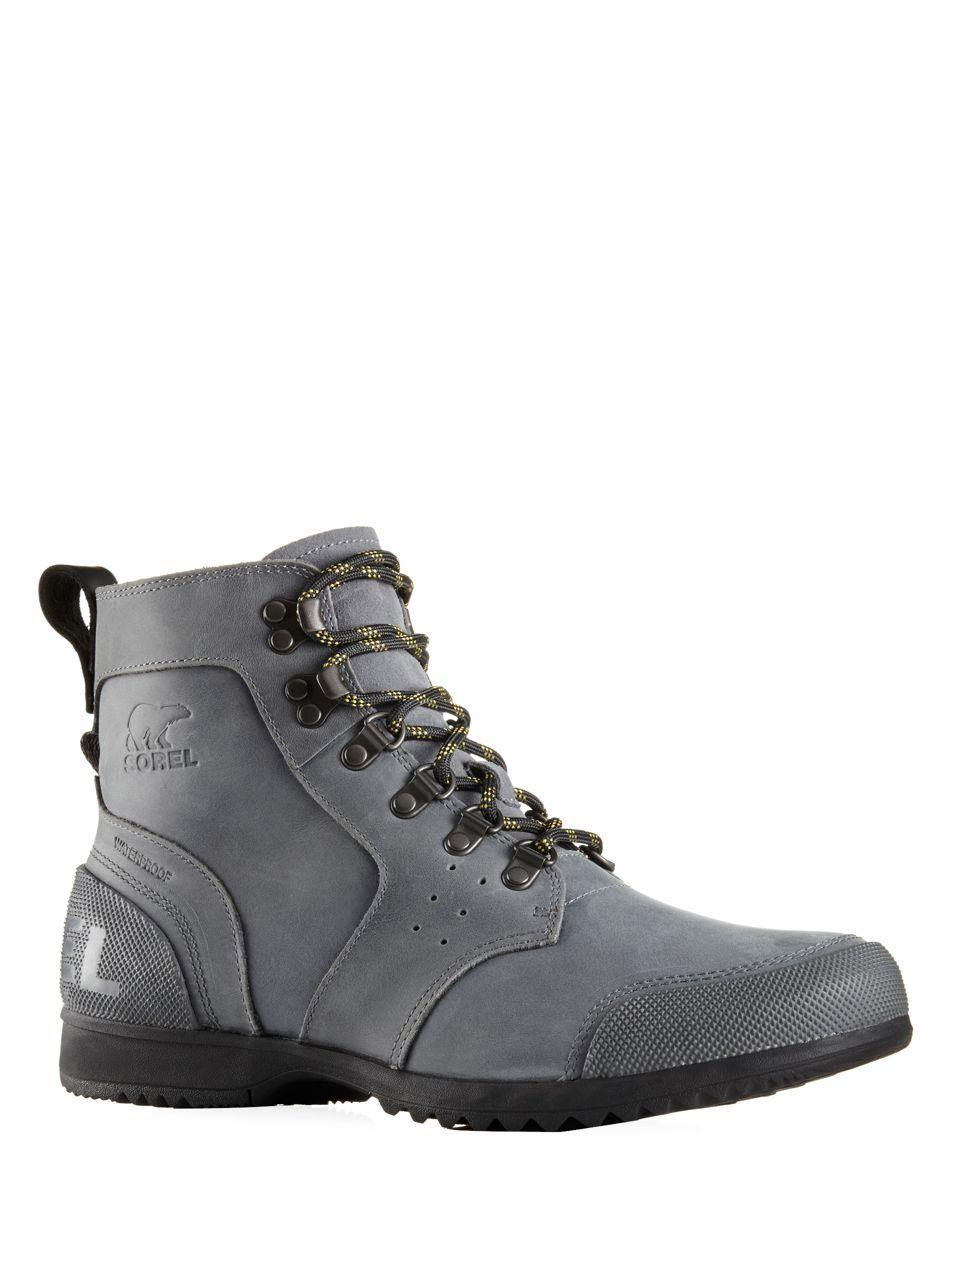 Boots Hiking Men Teva